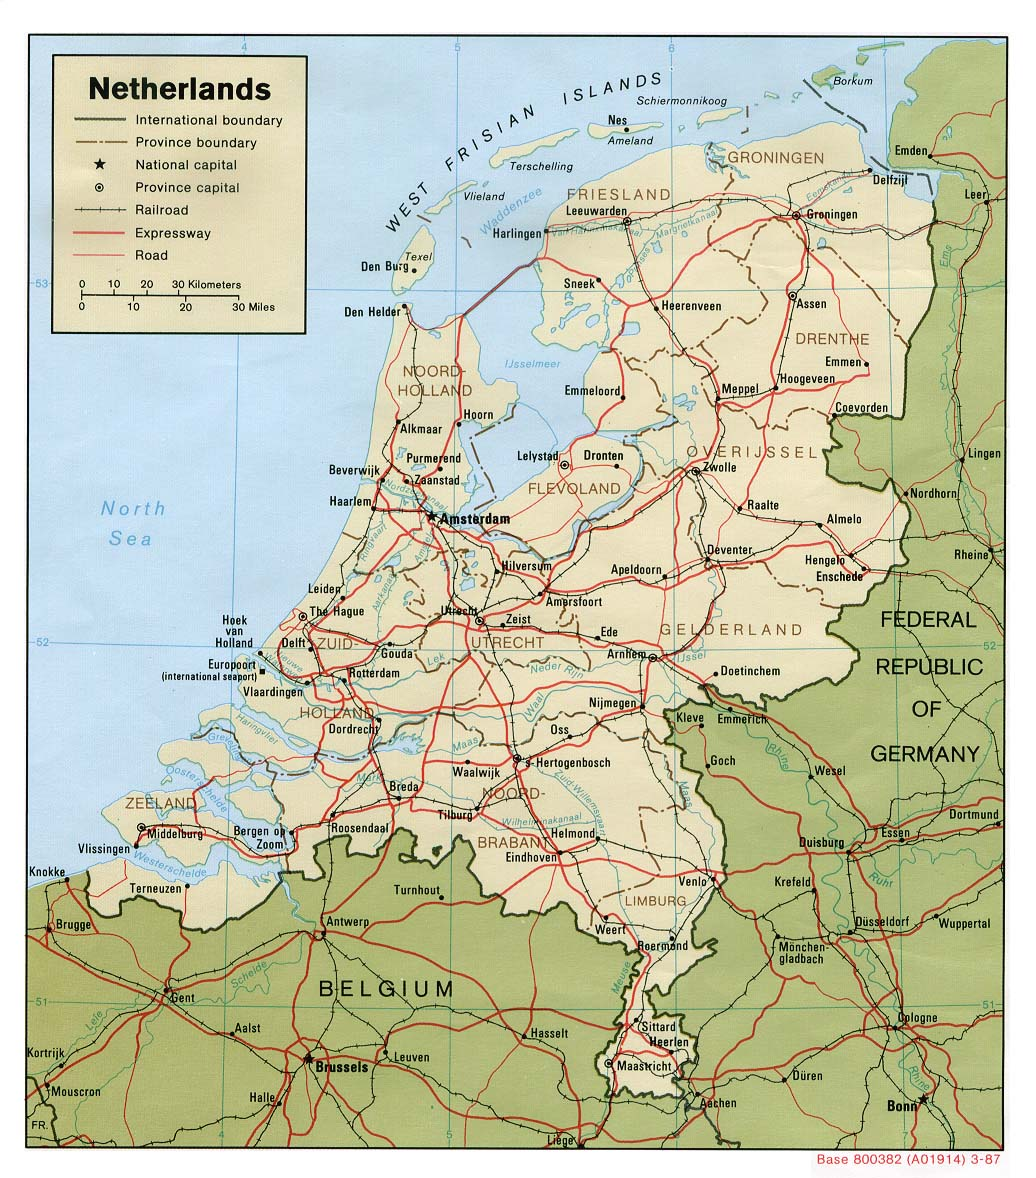 جغرافيا هولندا المعرفة